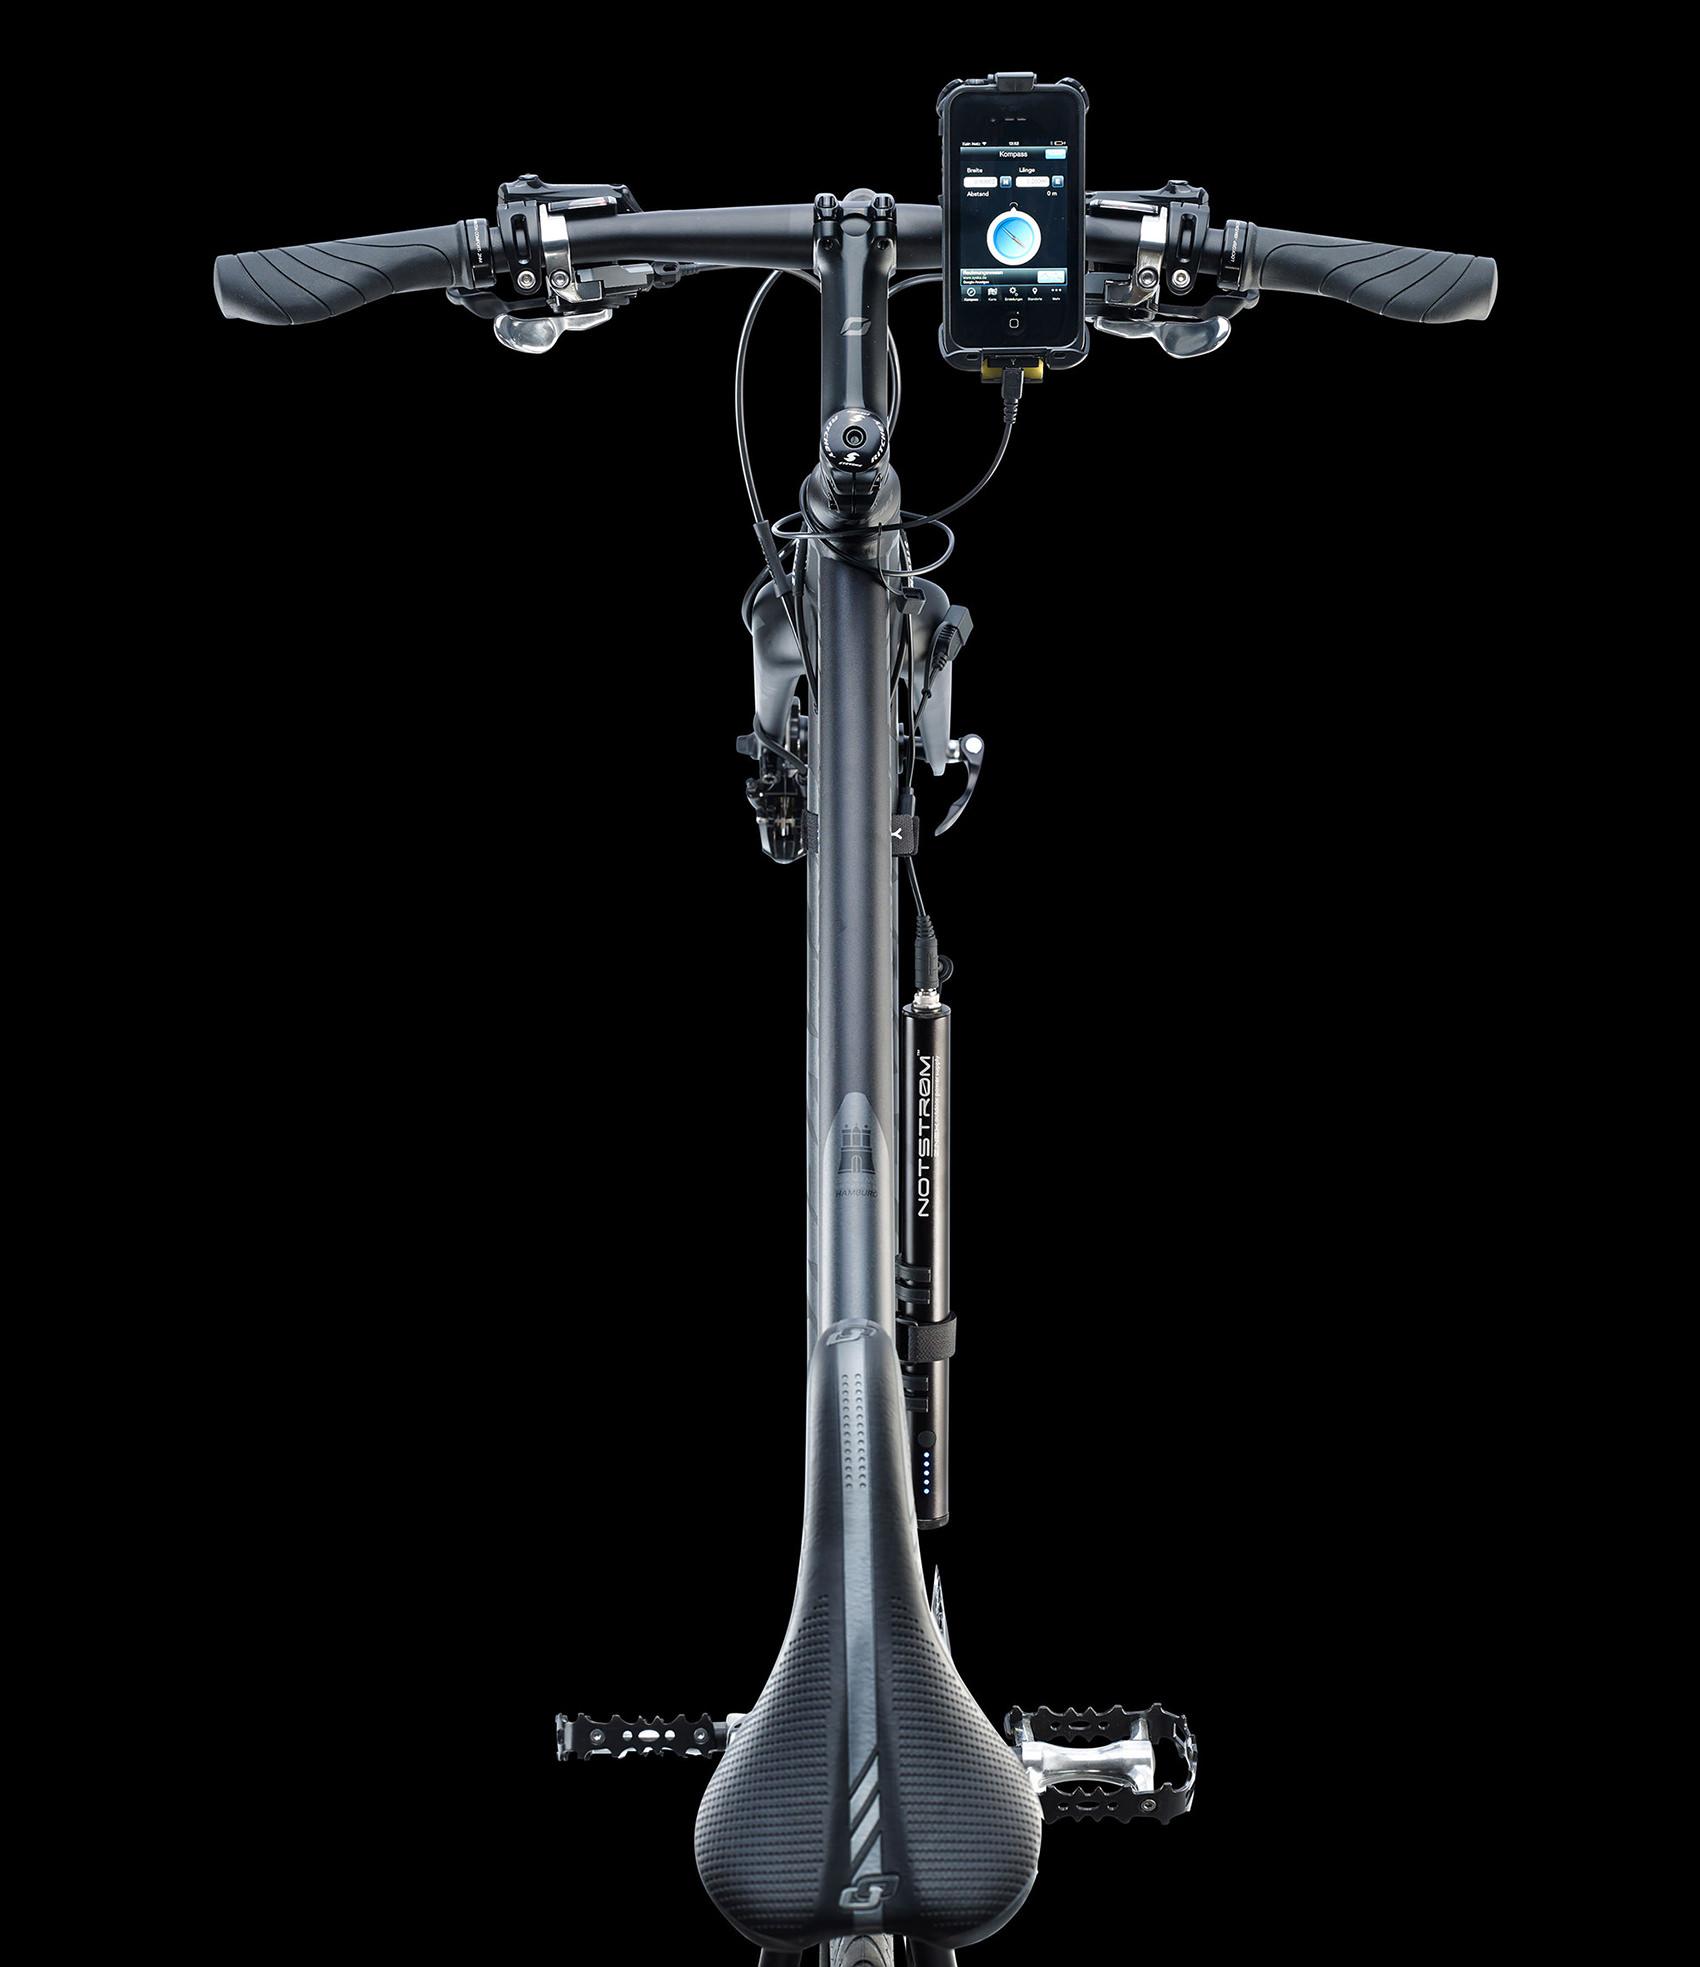 Fahrrad mit staubichtem Notstrøm USB-Ladegerät aus der Vogelperspektive mit Smartphone am Lenker